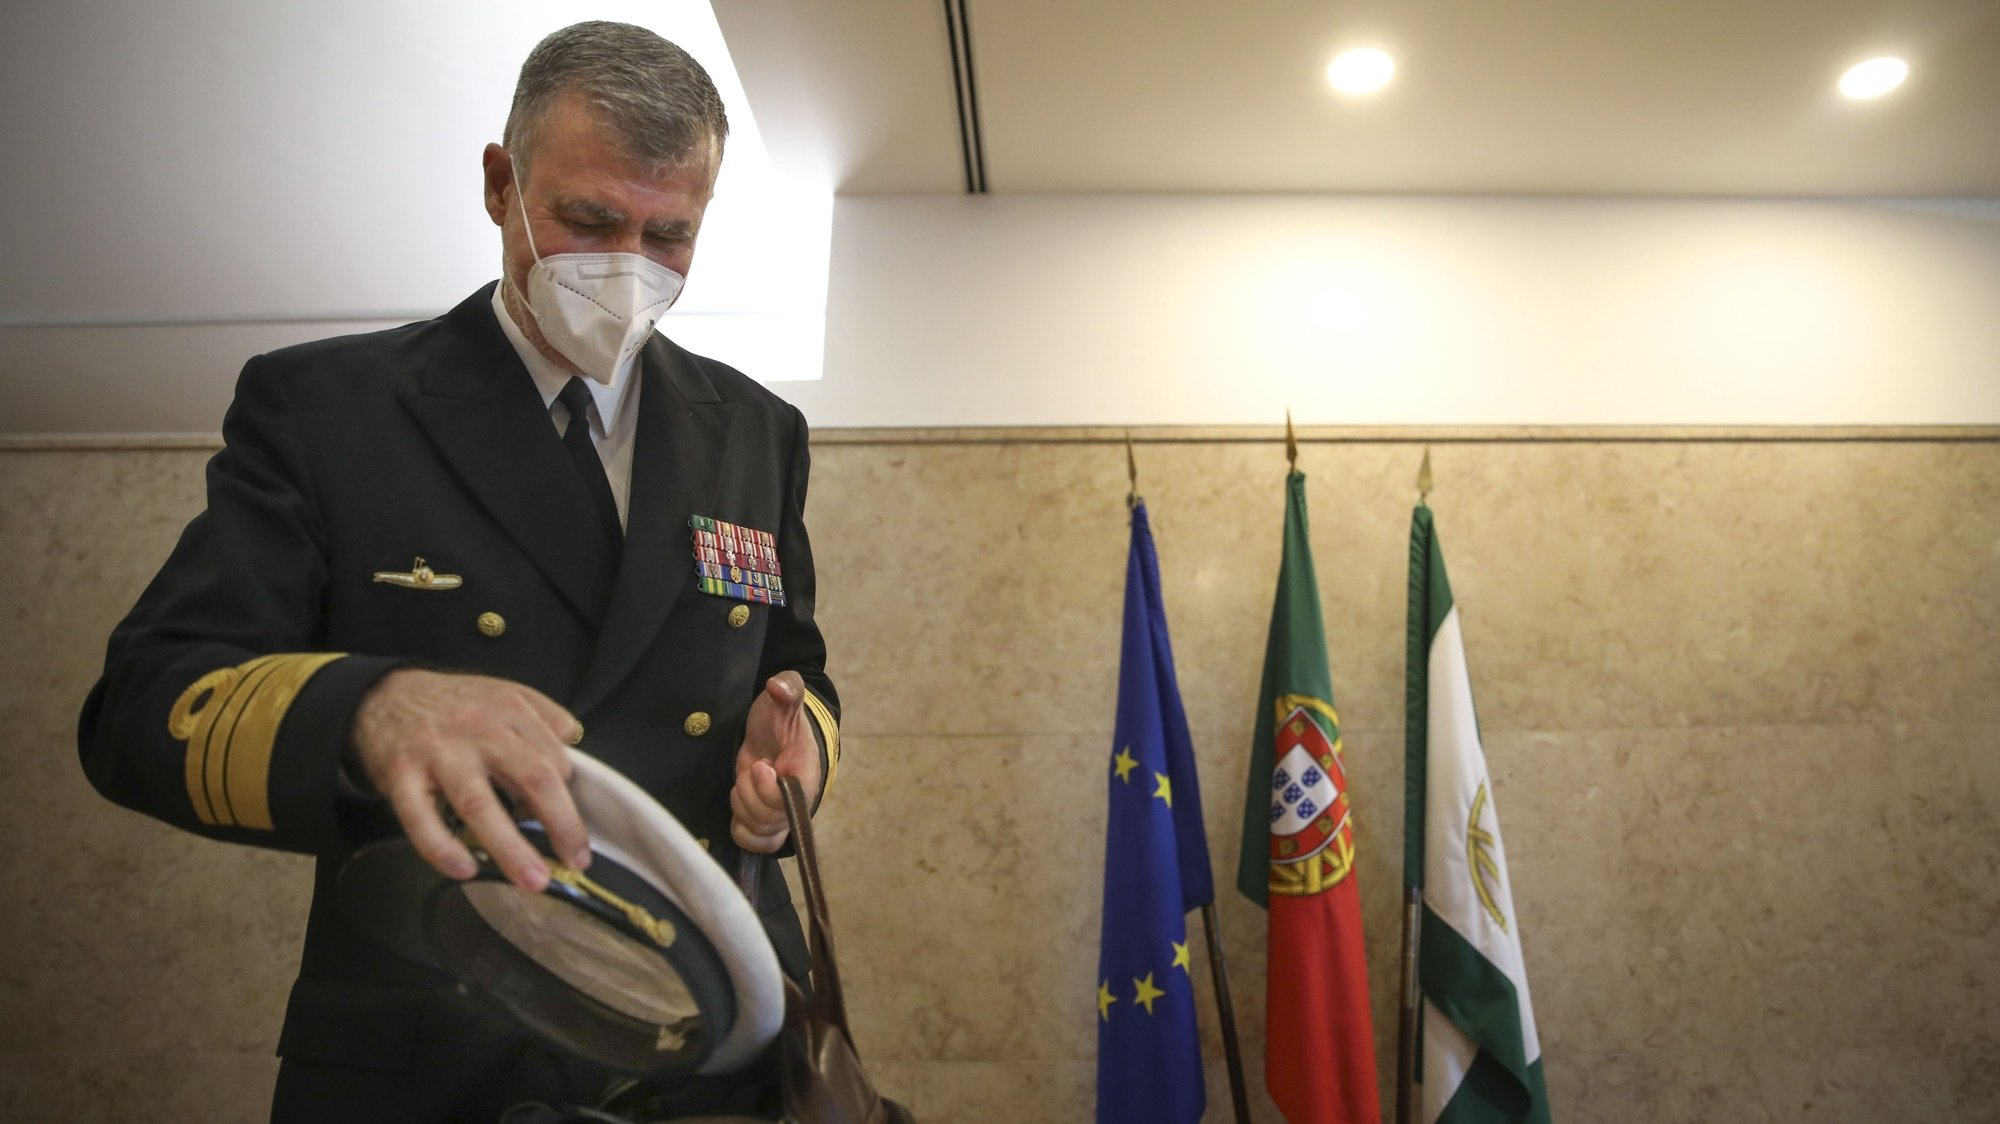 """O coordenador da Task-Force para o Plano de Vacinação contra a Covid-19, vice-almirante Henrique Gouveia e Melo, durante a audição na Comissão Eventual para o acompanhamento da aplicação das medidas de resposta à pandemia da doença COVID-19, com o intuito de proceder ao balanço da atividade de coordenação desenvolvida pela Task-Force para o Plano de Vacinação contra a Covid-19"""" na Assembleia da República, em Lisboa, 12 de outubro de 2021.  ANDRÉ KOSTERS/LUSA"""